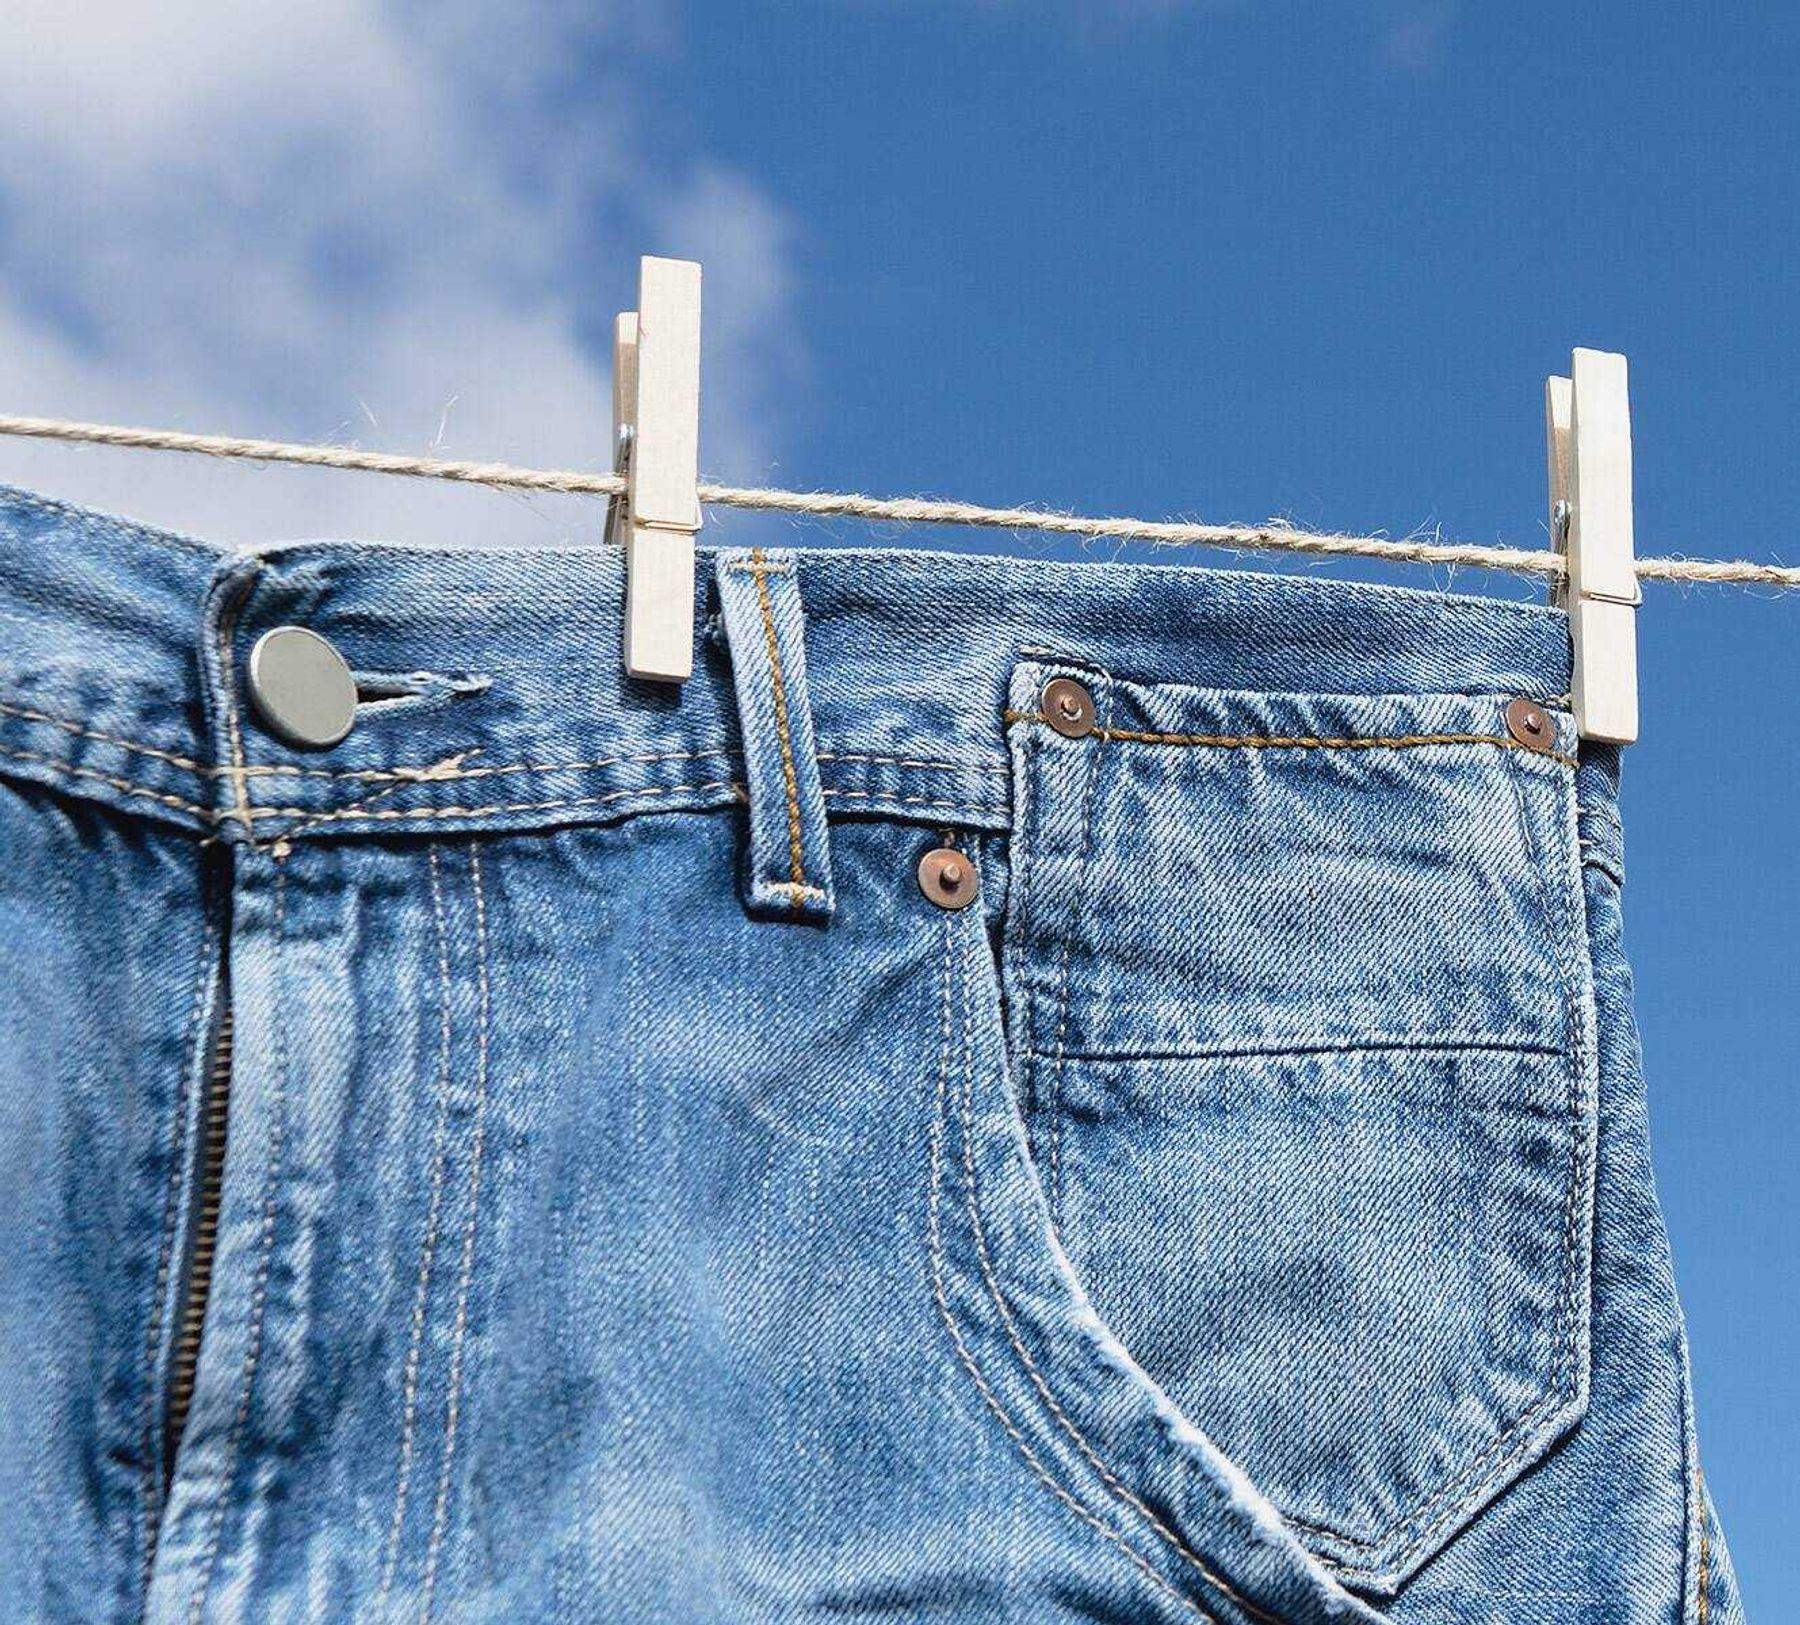 Dùng kẹp phơi quần jean